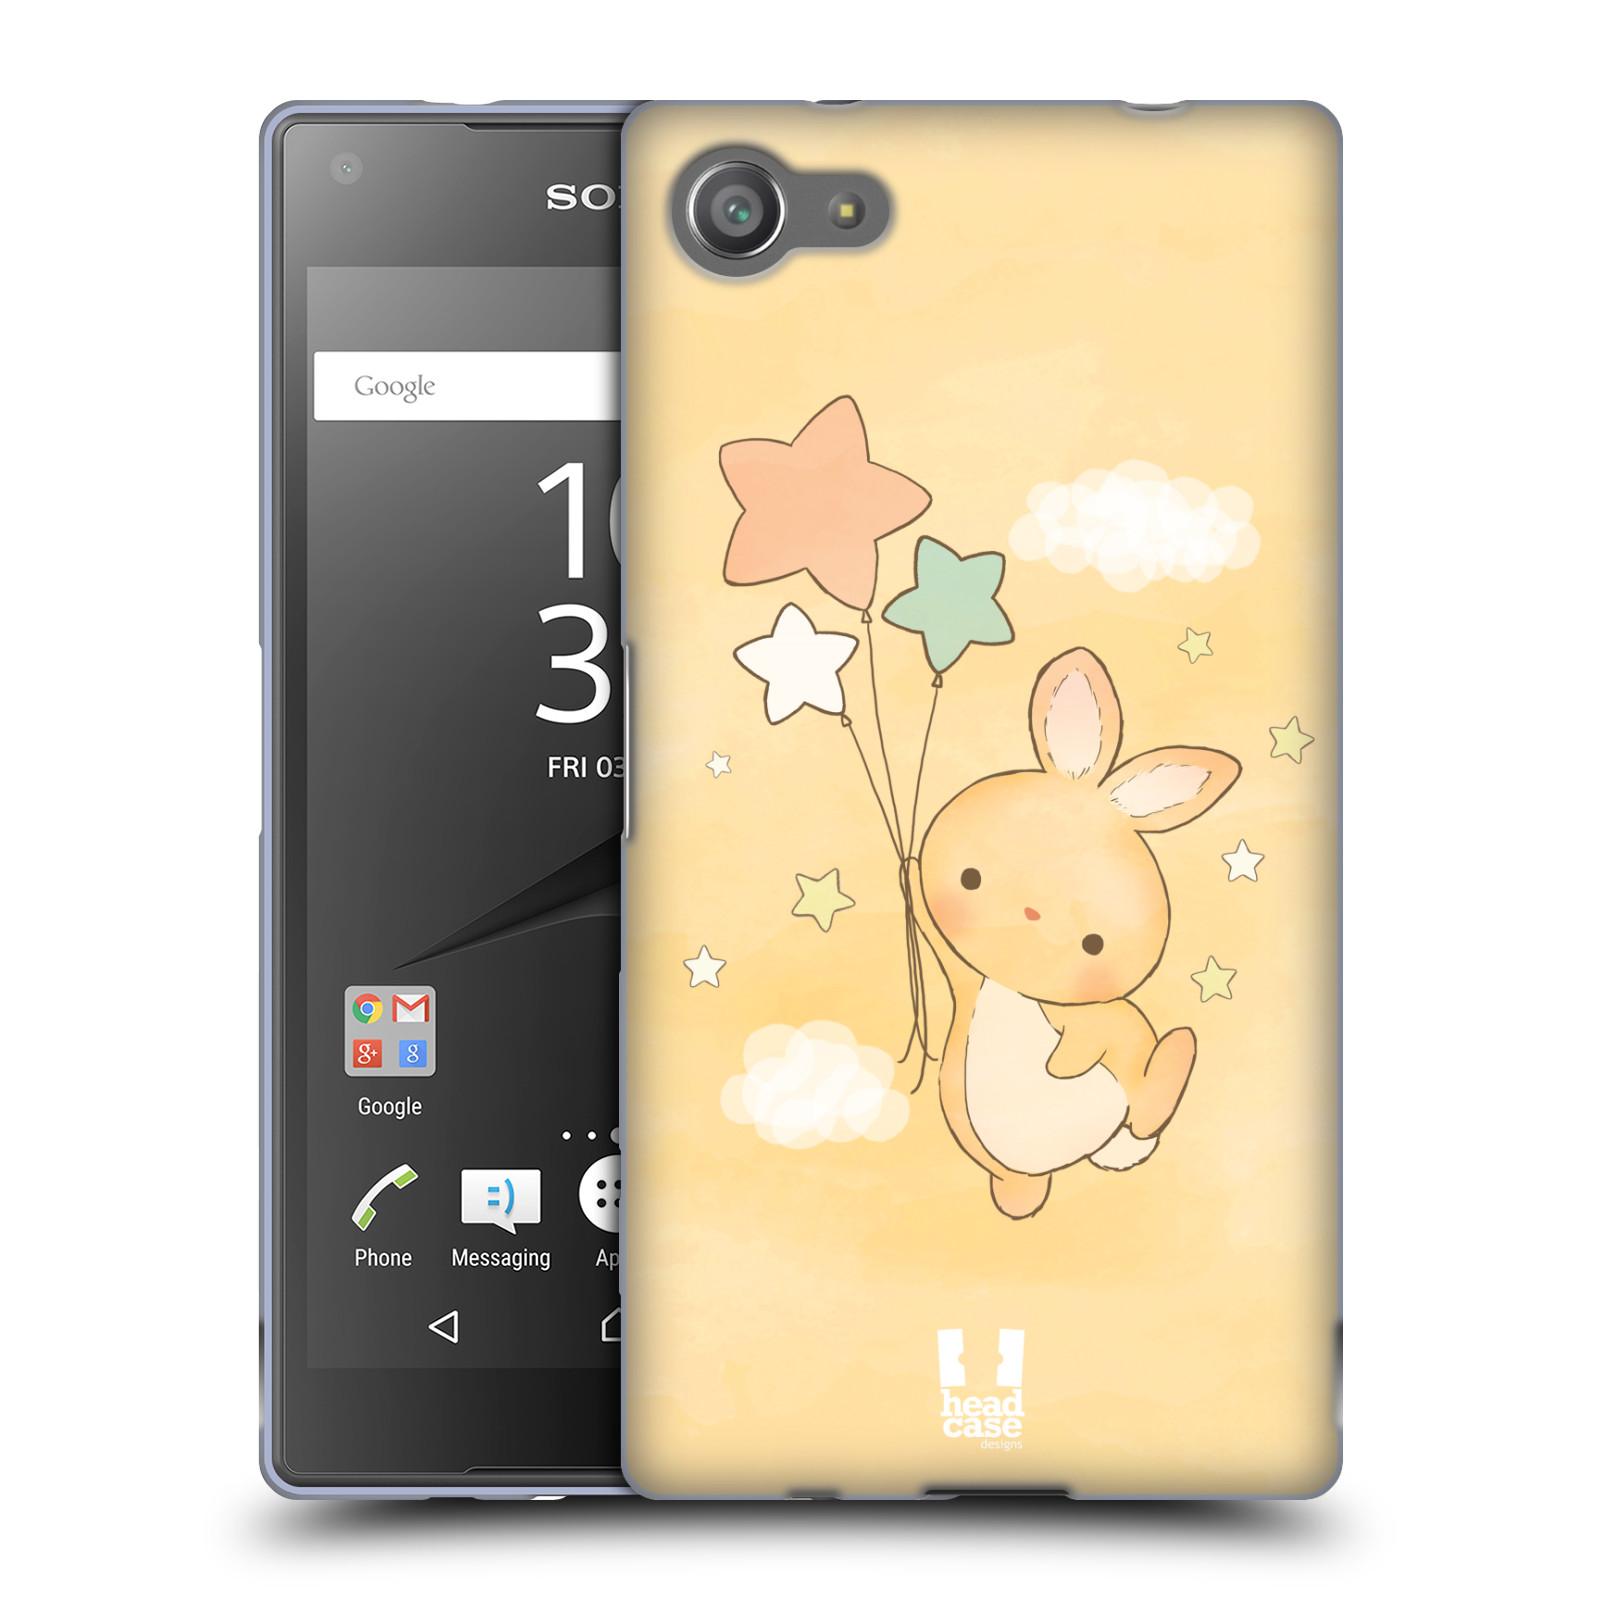 HEAD CASE silikonový obal na mobil Sony Xperia Z5 COMPACT vzor králíček a hvězdy žlutá